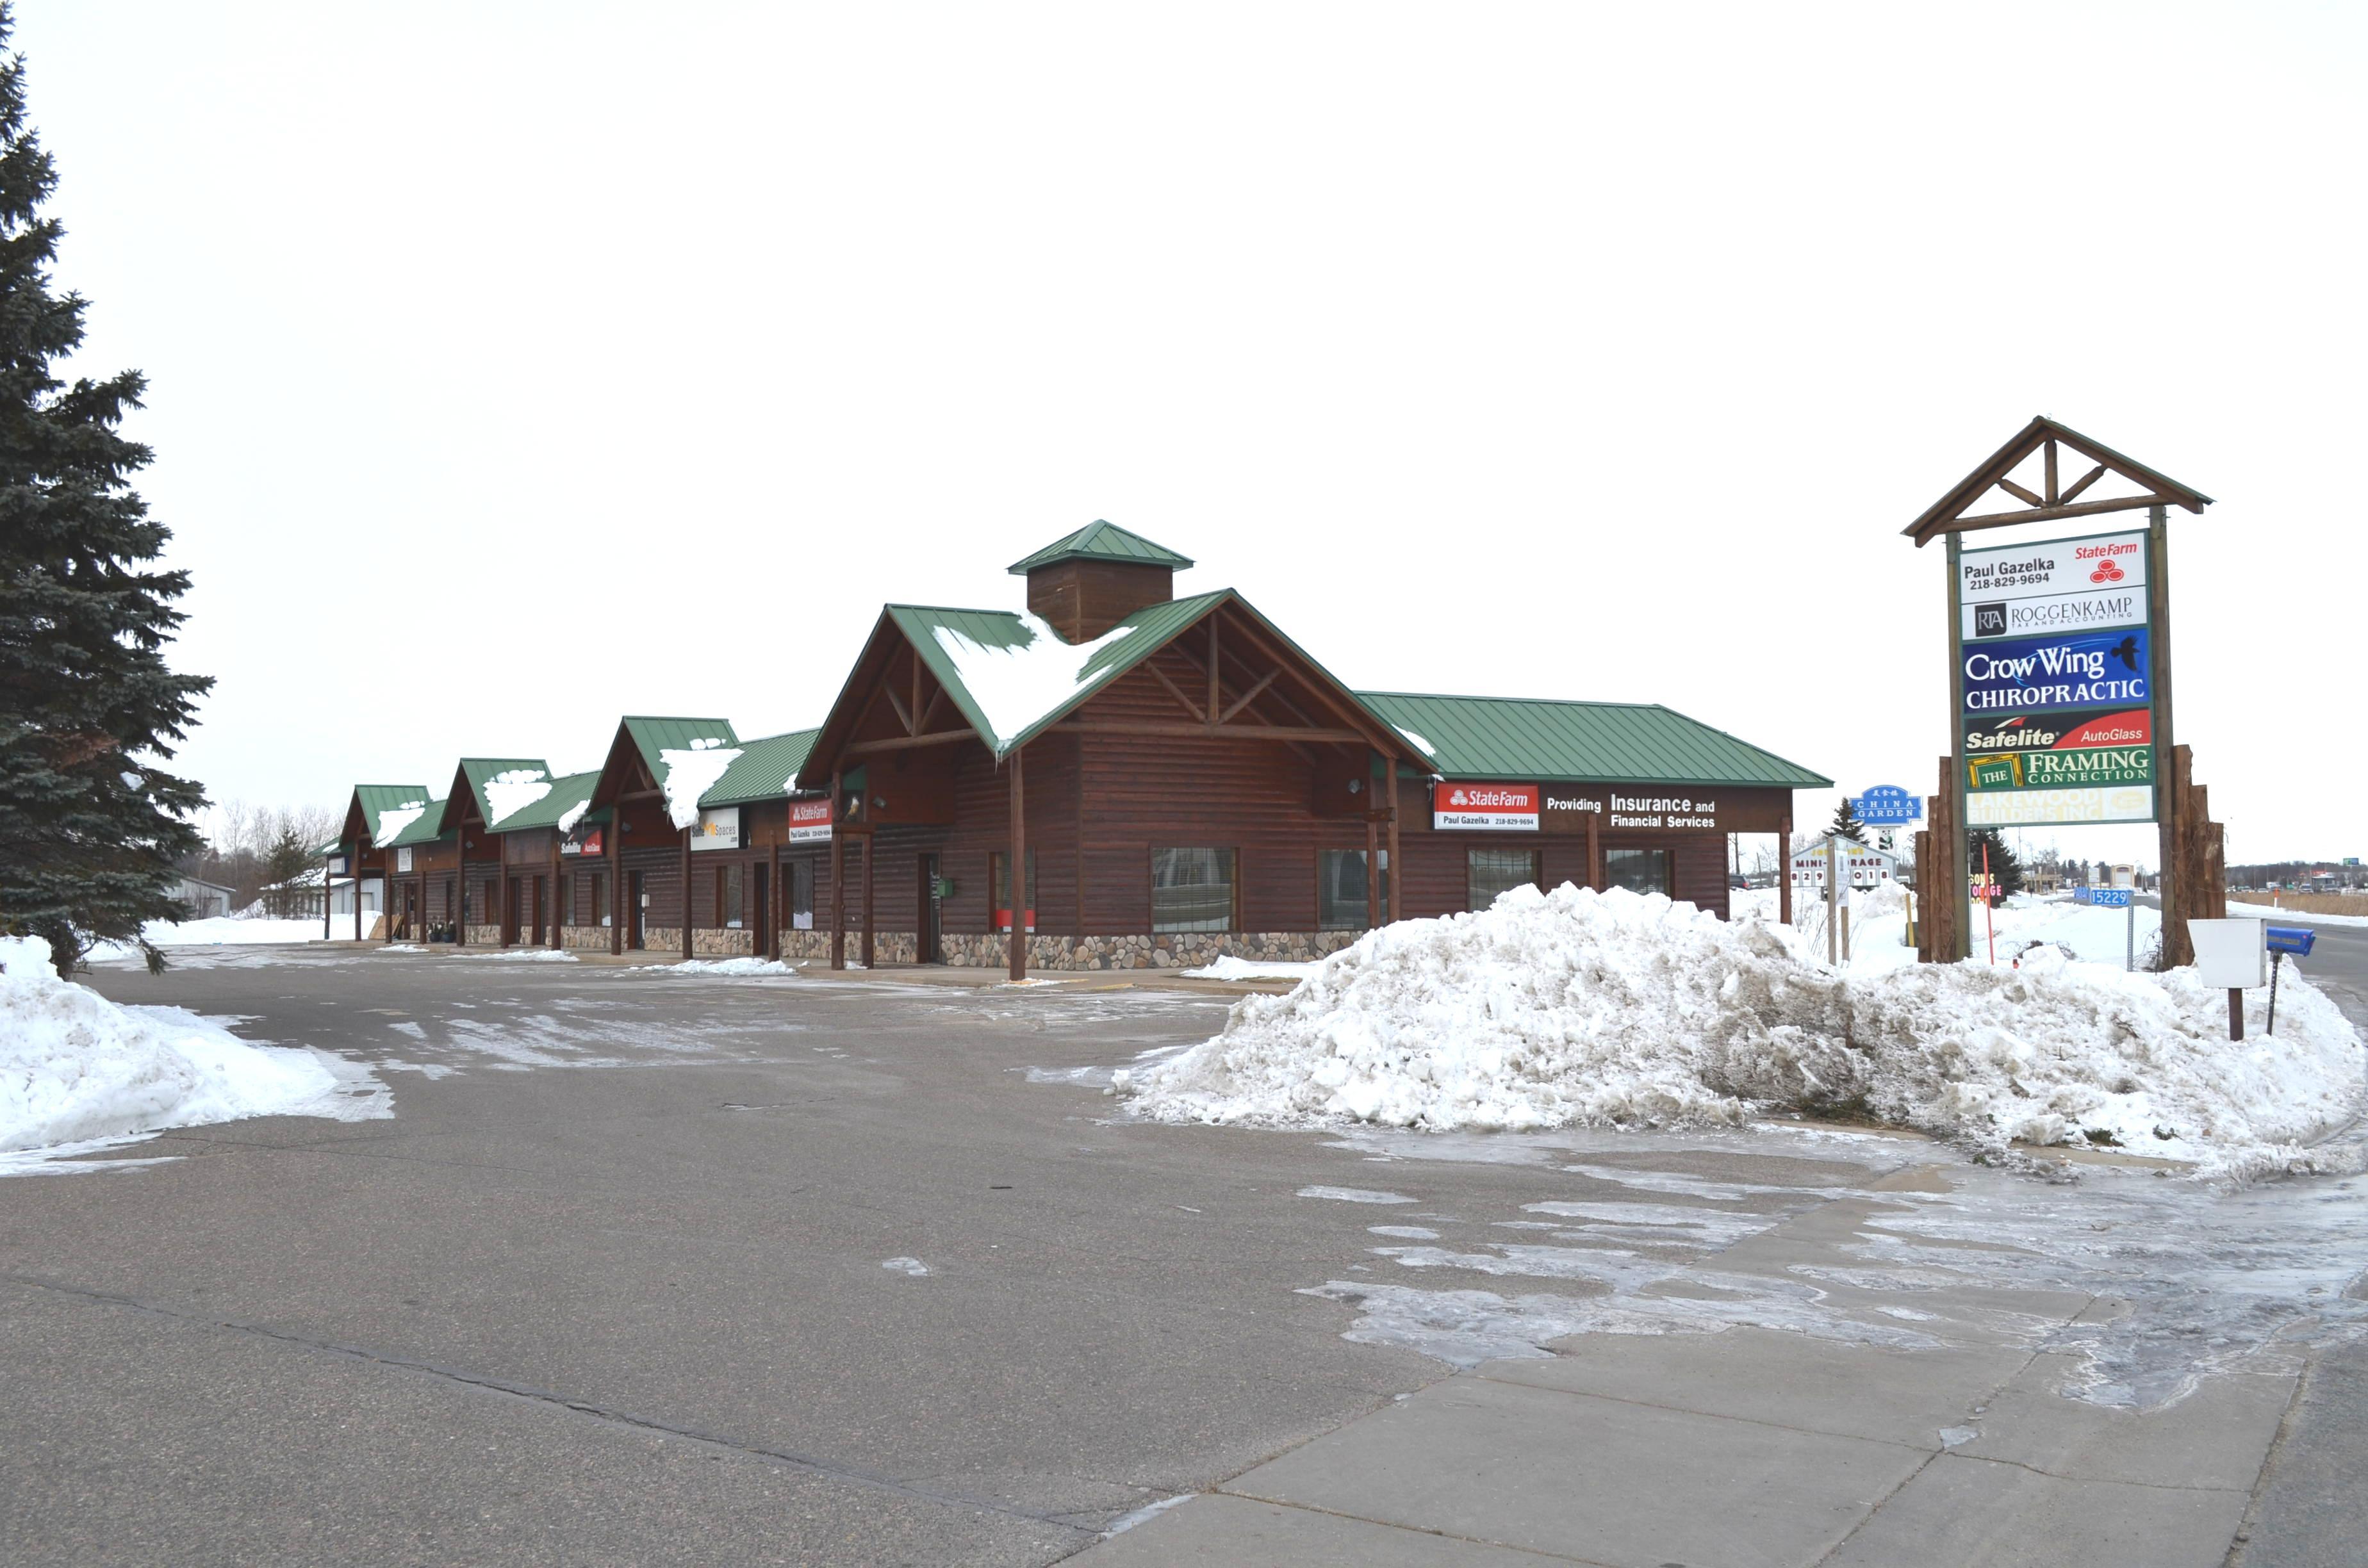 Office/Retail Strip Center